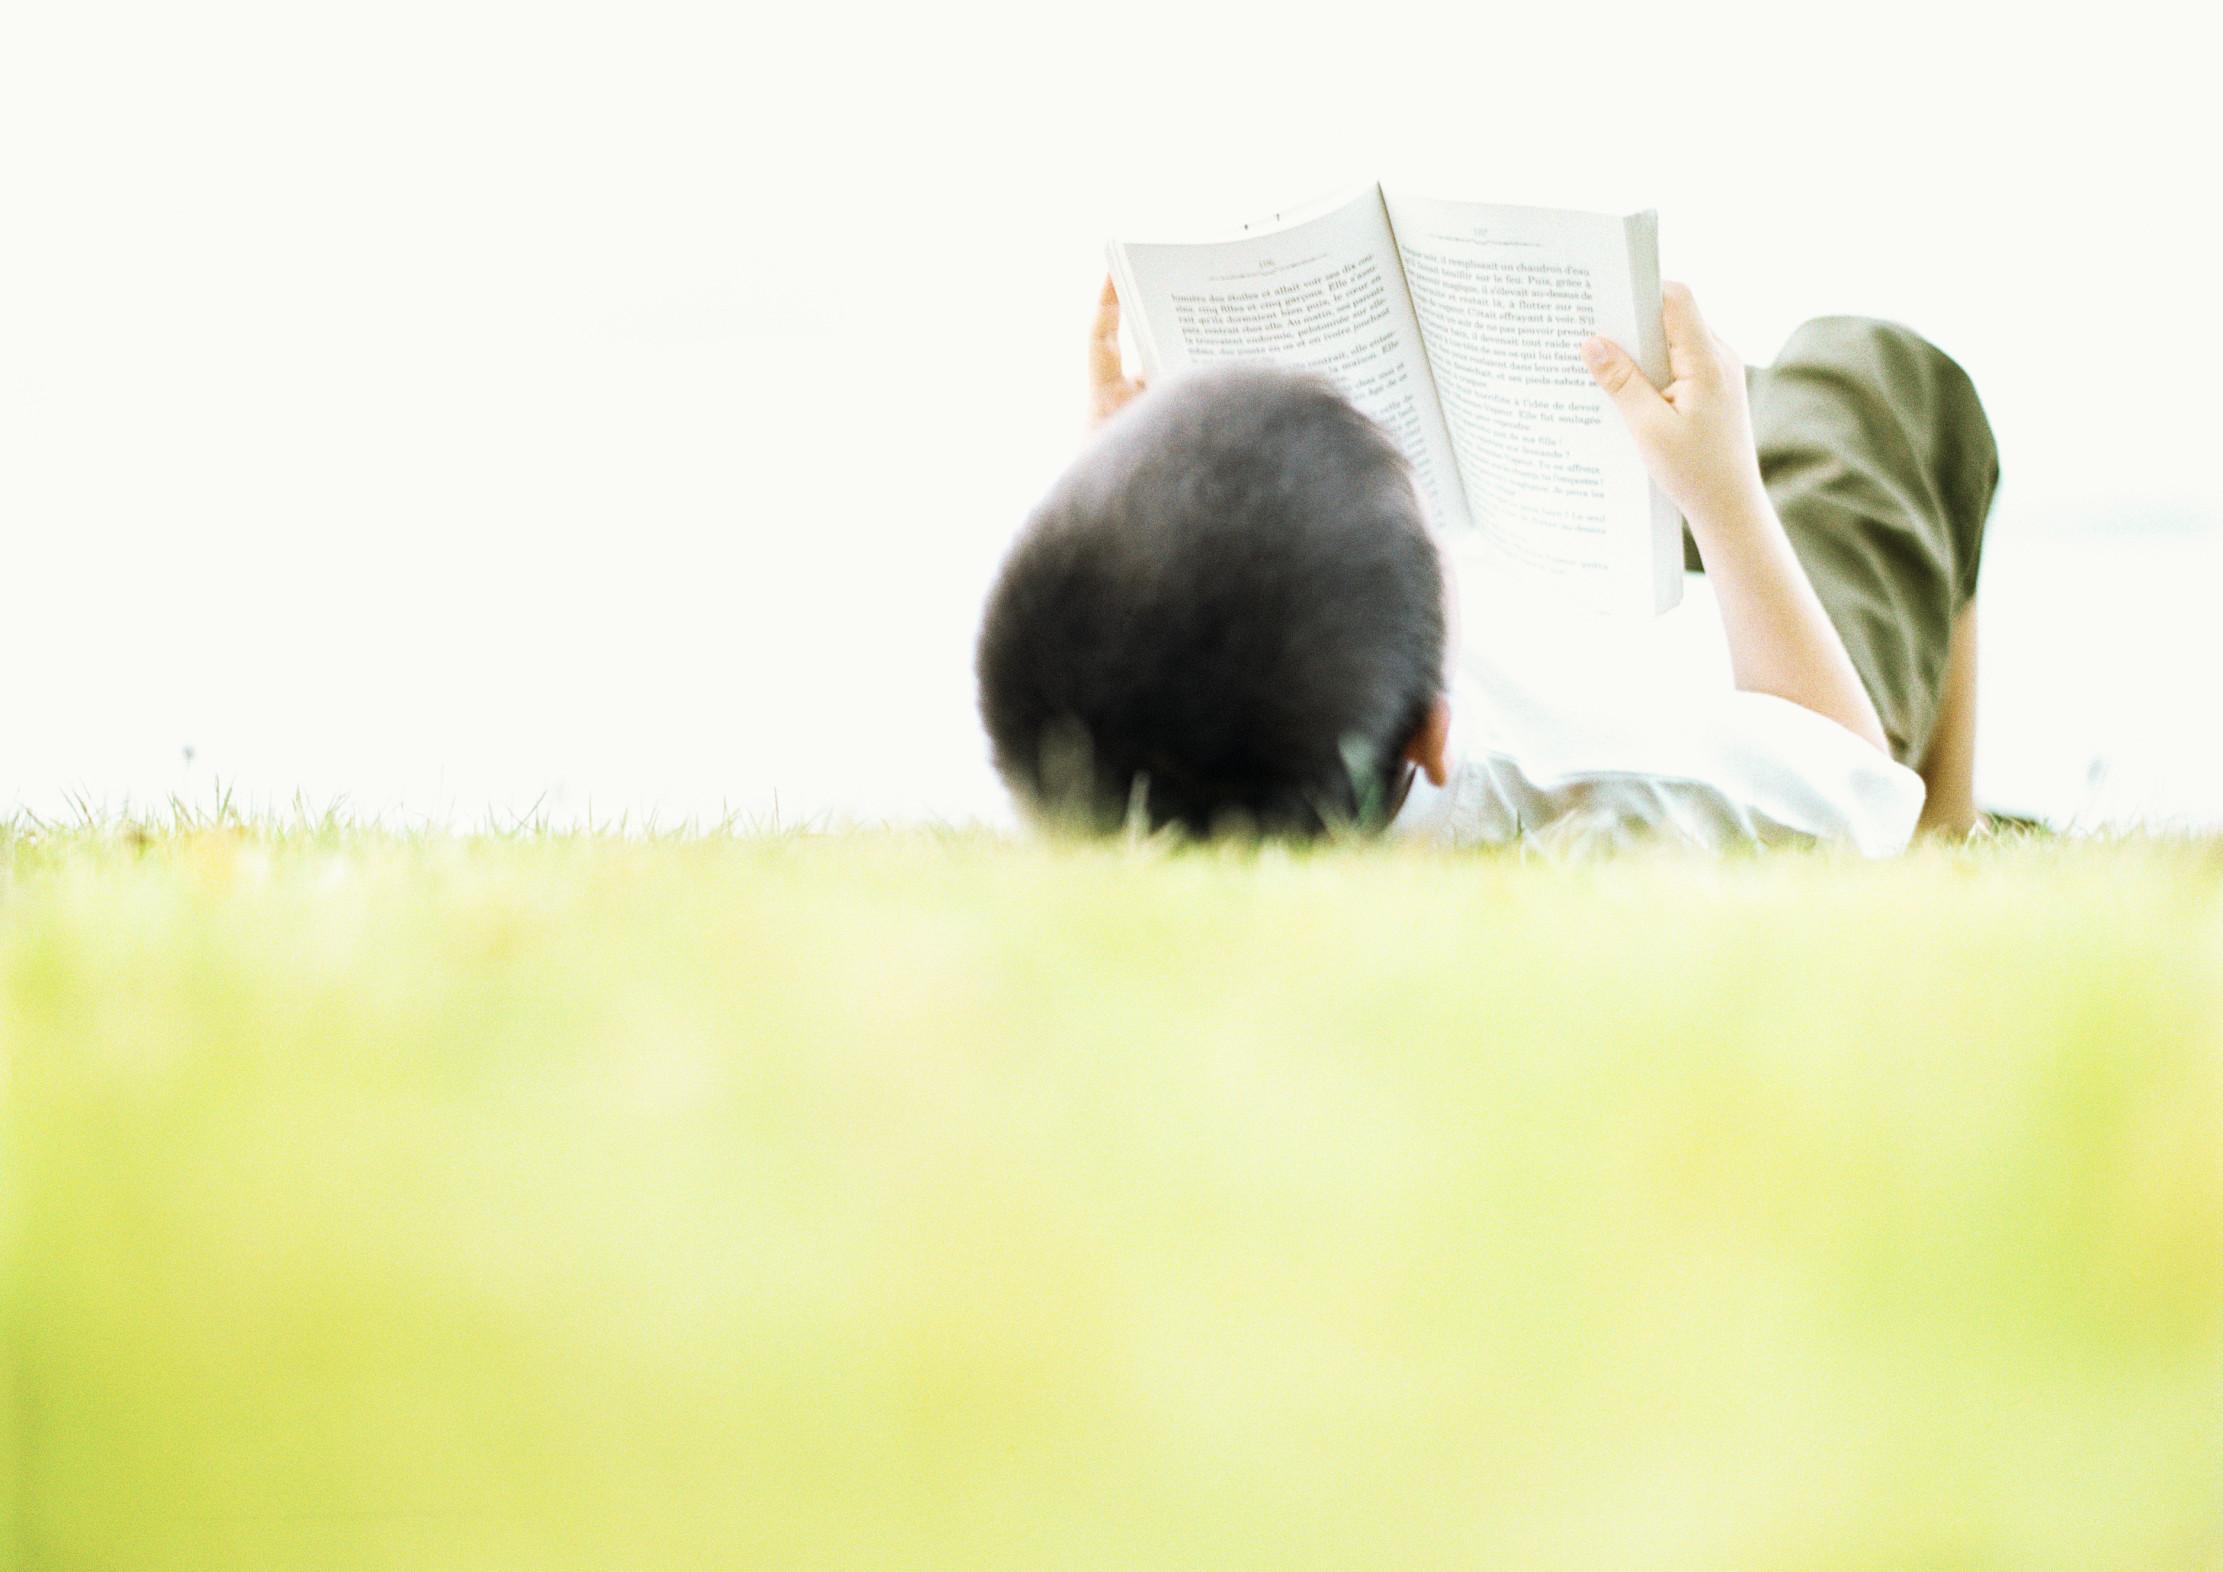 Junge liegt im Gras und liest Buch.